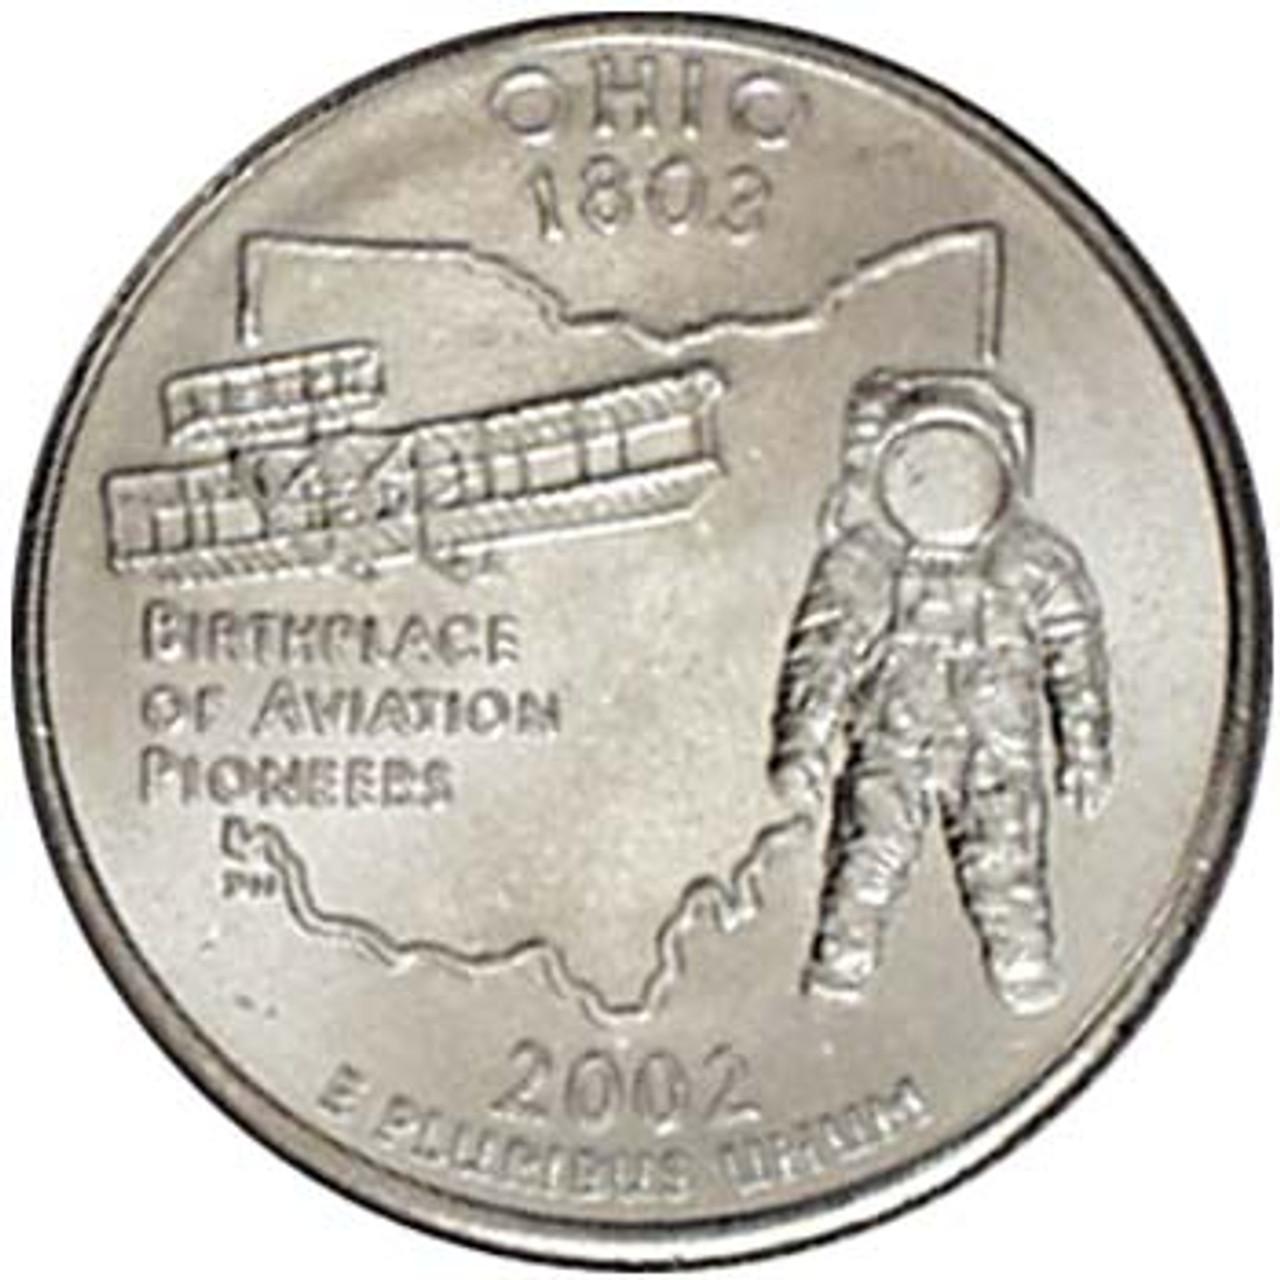 2002-P Ohio Quarter Brilliant Uncirculated Image 1